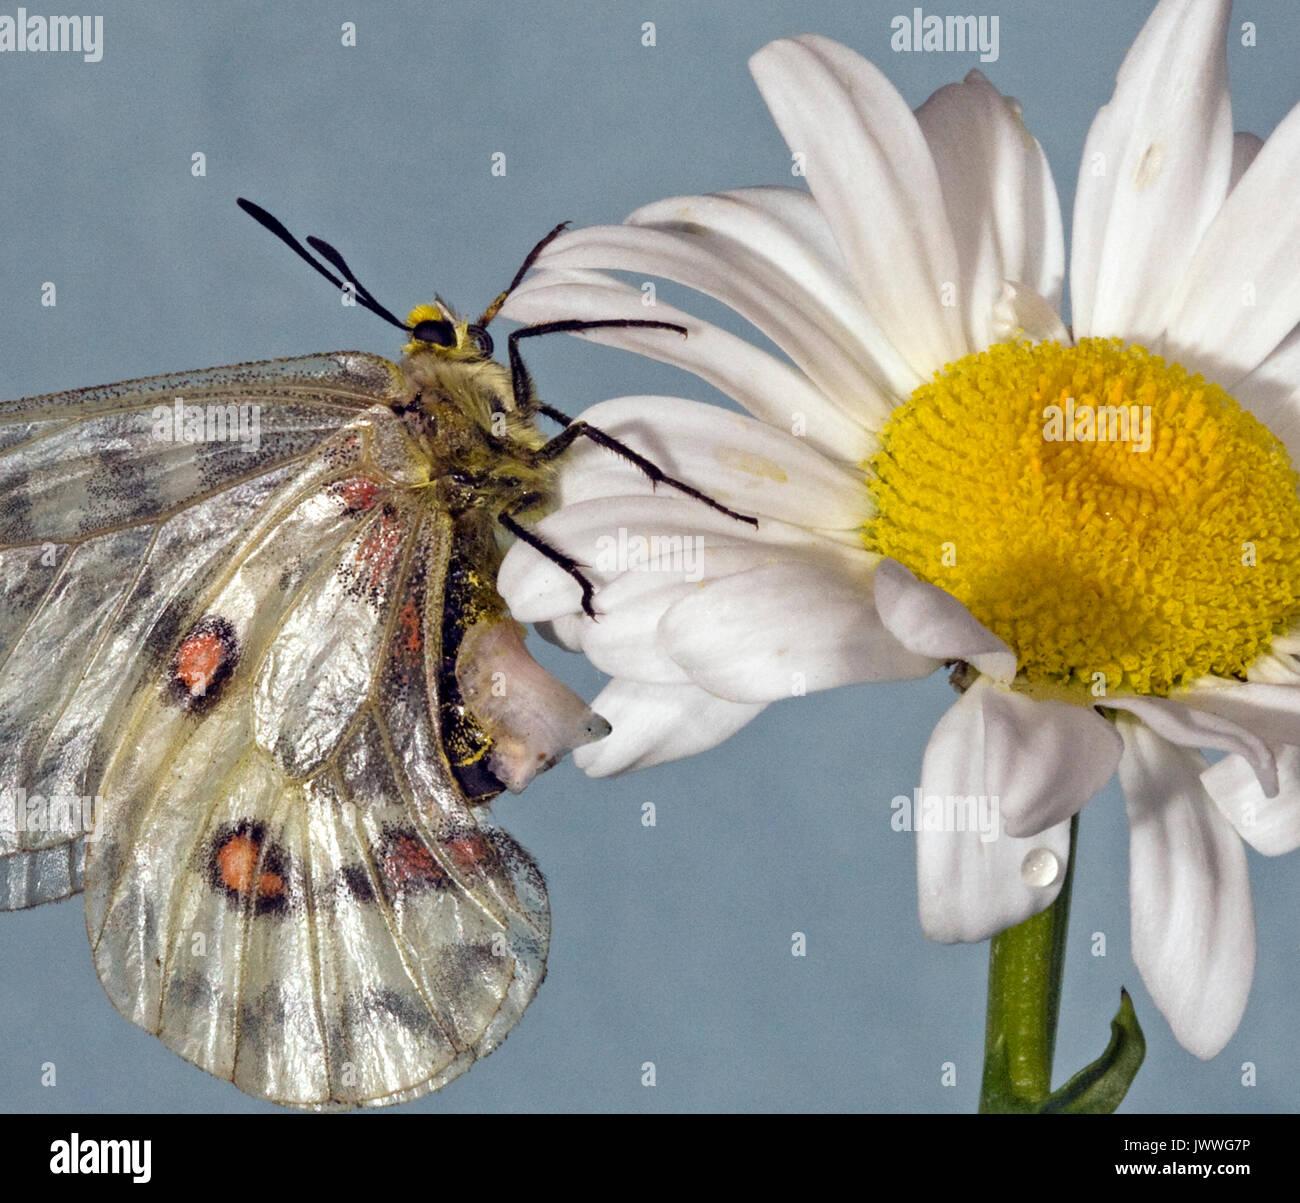 Une femelle papillon Parnassienne Clodius reposant sur une marguerite blanche. La structure blanchâtre sur son abdomen est un sphragis, une fiche mâle. Photo Stock